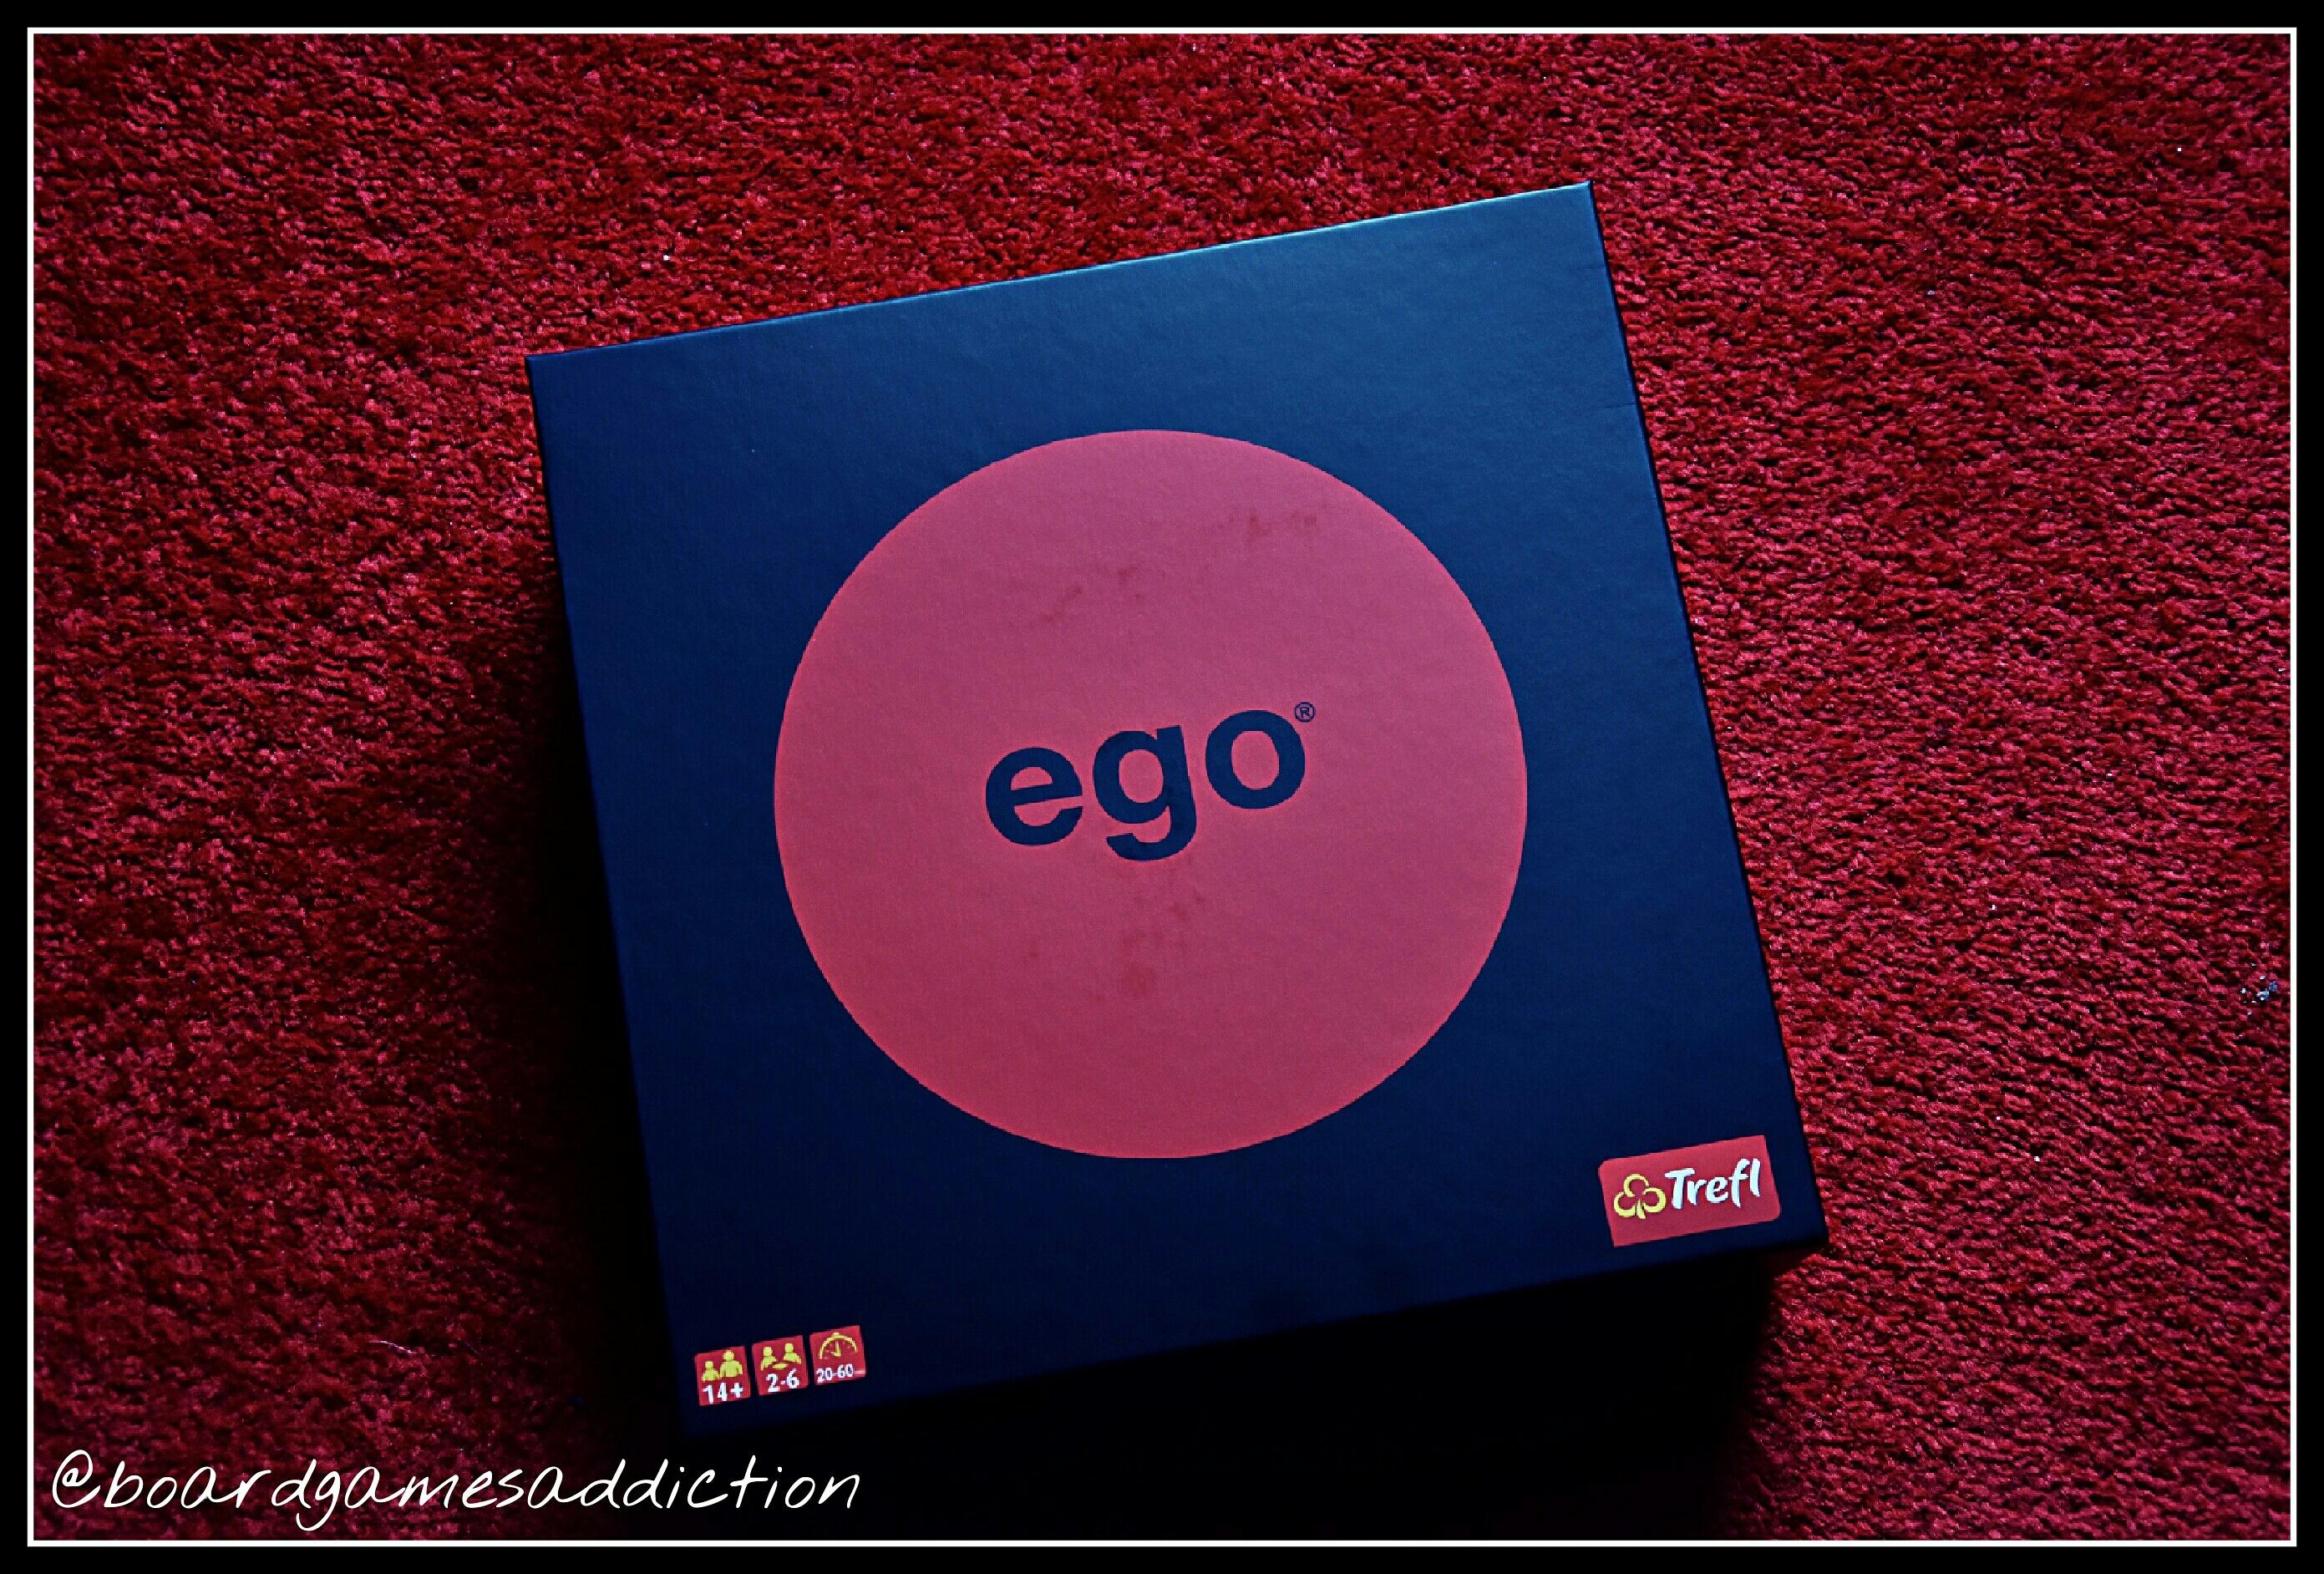 Zagrasz Ze Mną W Ego Tak Nie Nie Wiem Board Games Addiction